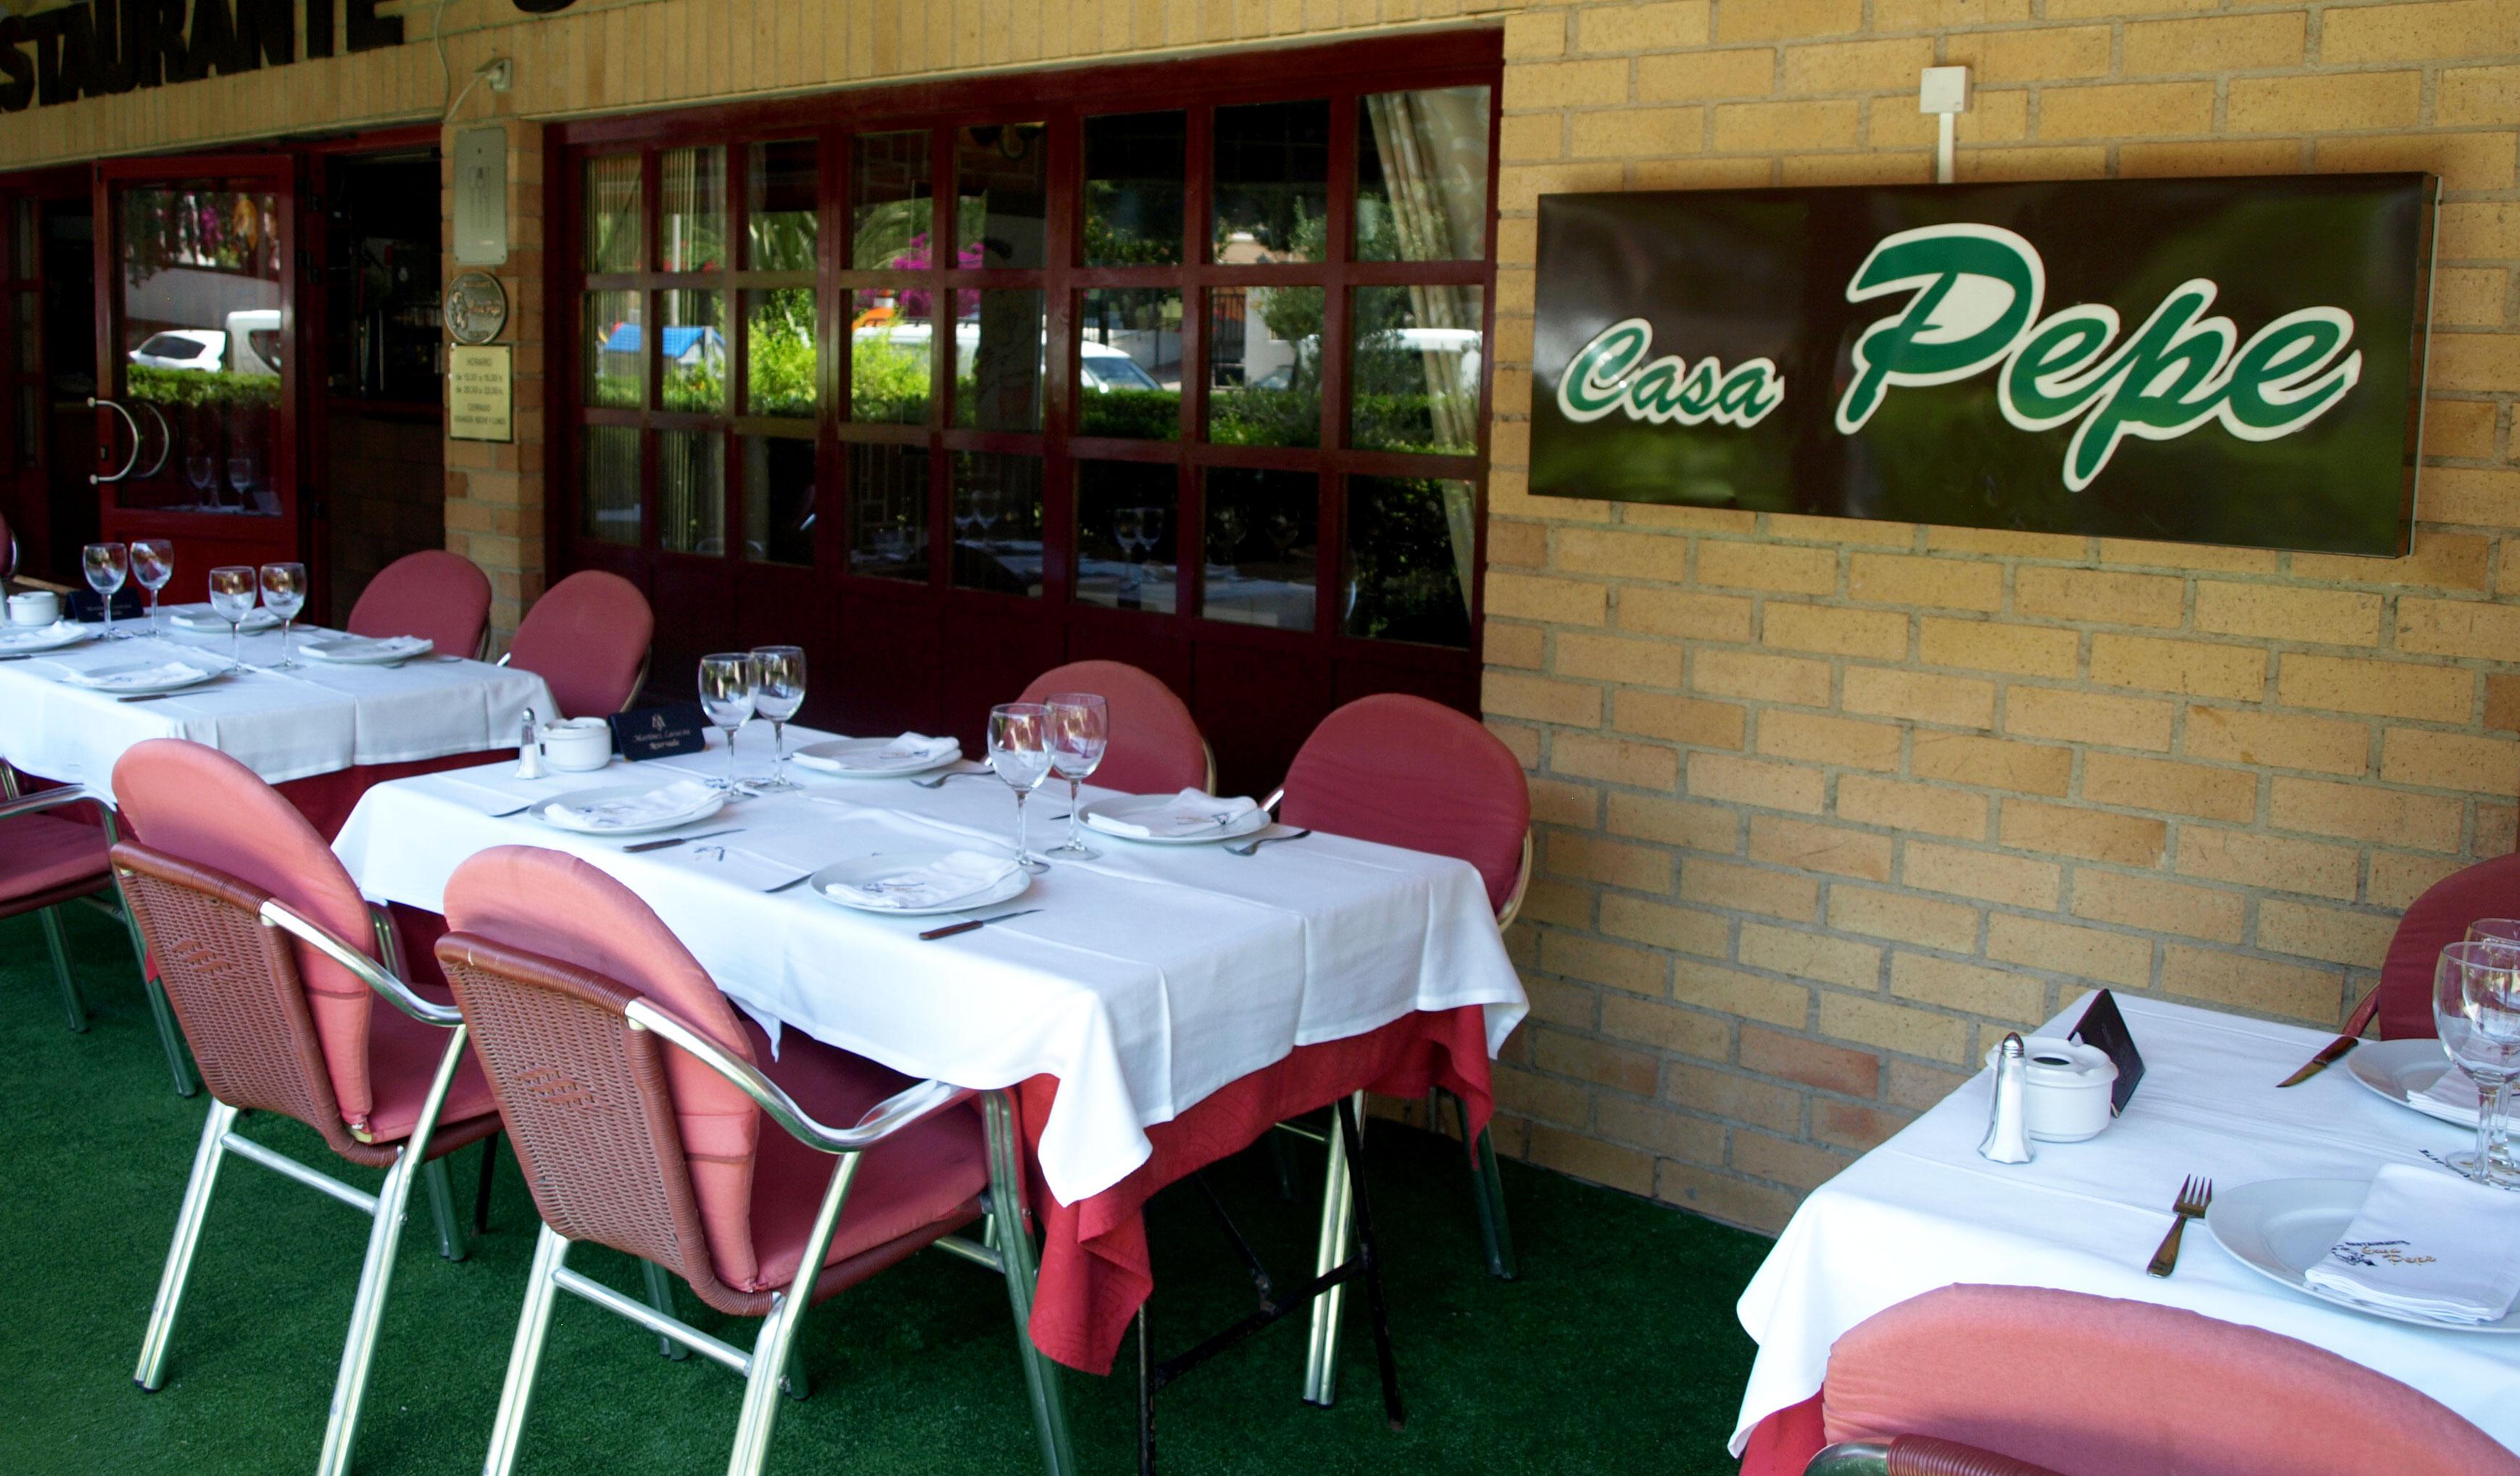 D nde comer en alicante restaurante casa pepe for Casa domingo alicante